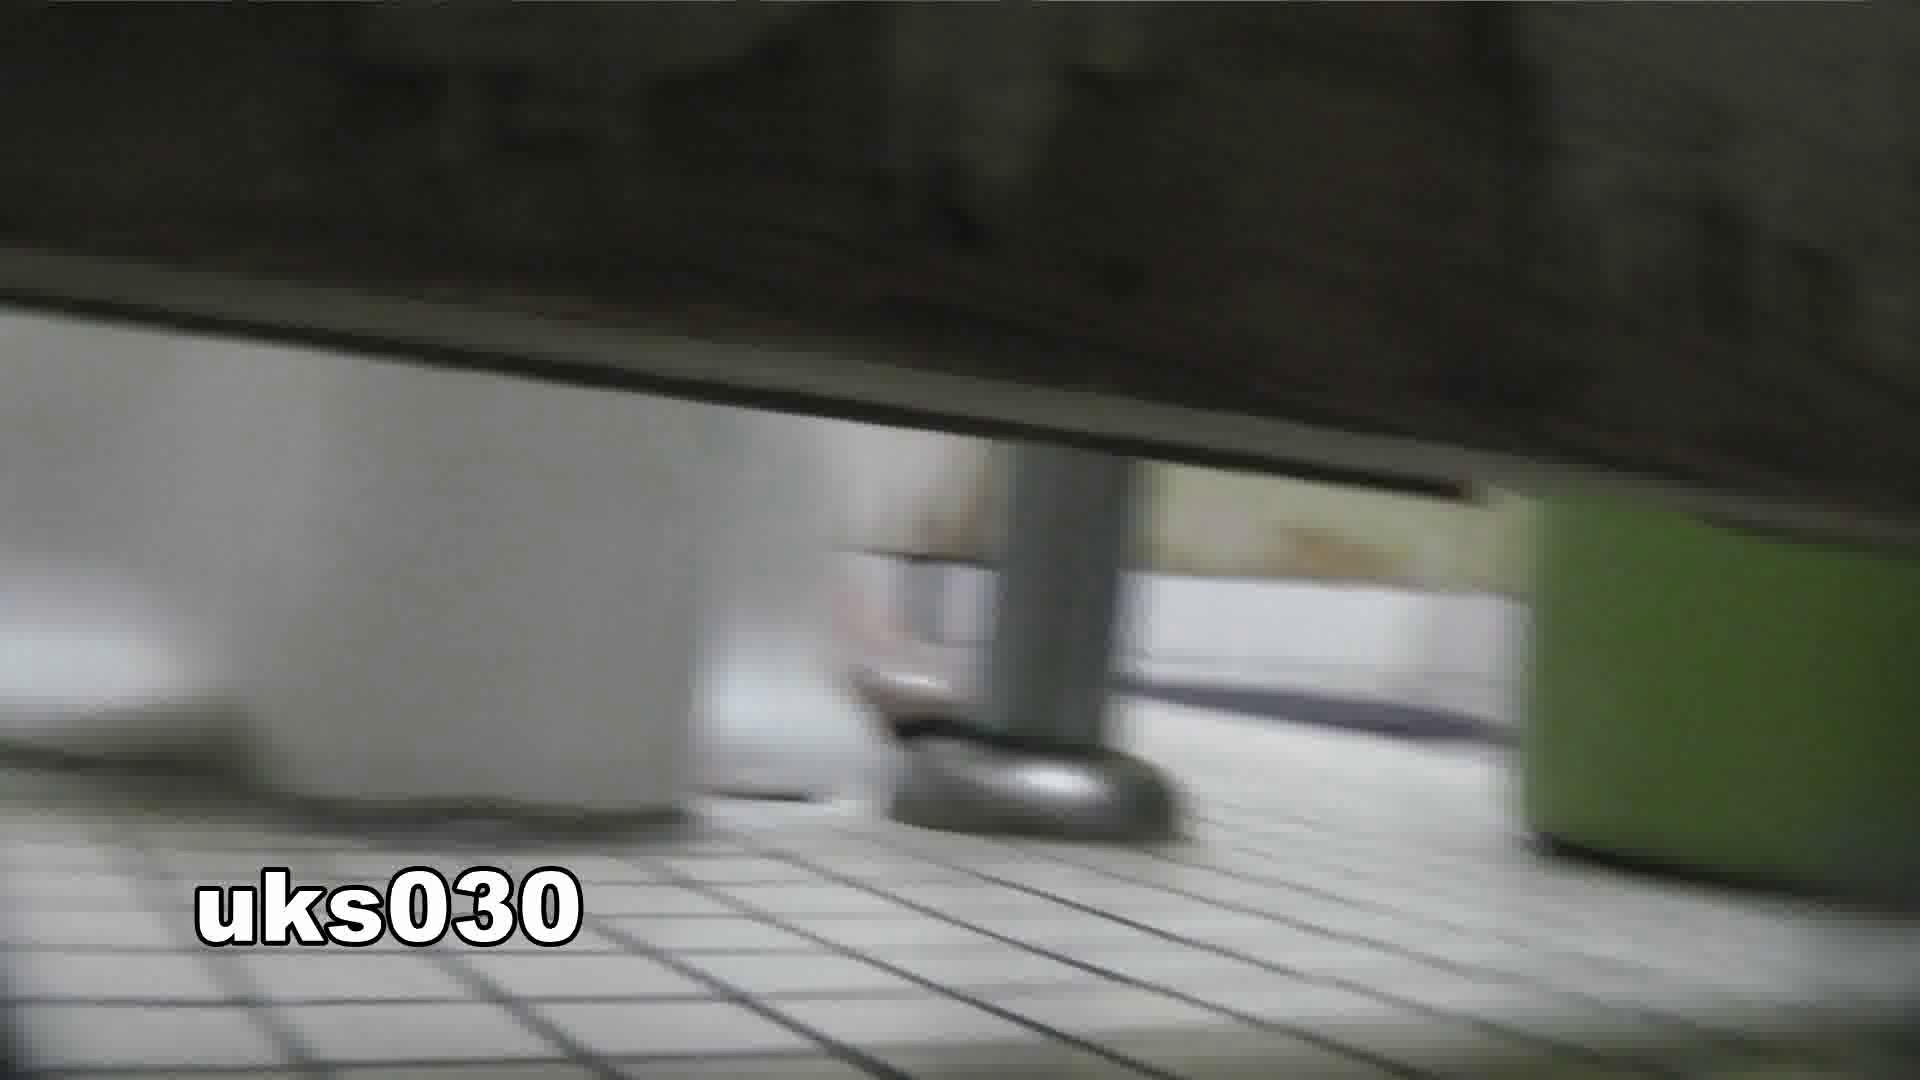 無修正おまんこ動画 洗面所特攻隊 vol.030 特別編 特攻隊とストレートマニアのCJ対決!! 怪盗ジョーカー